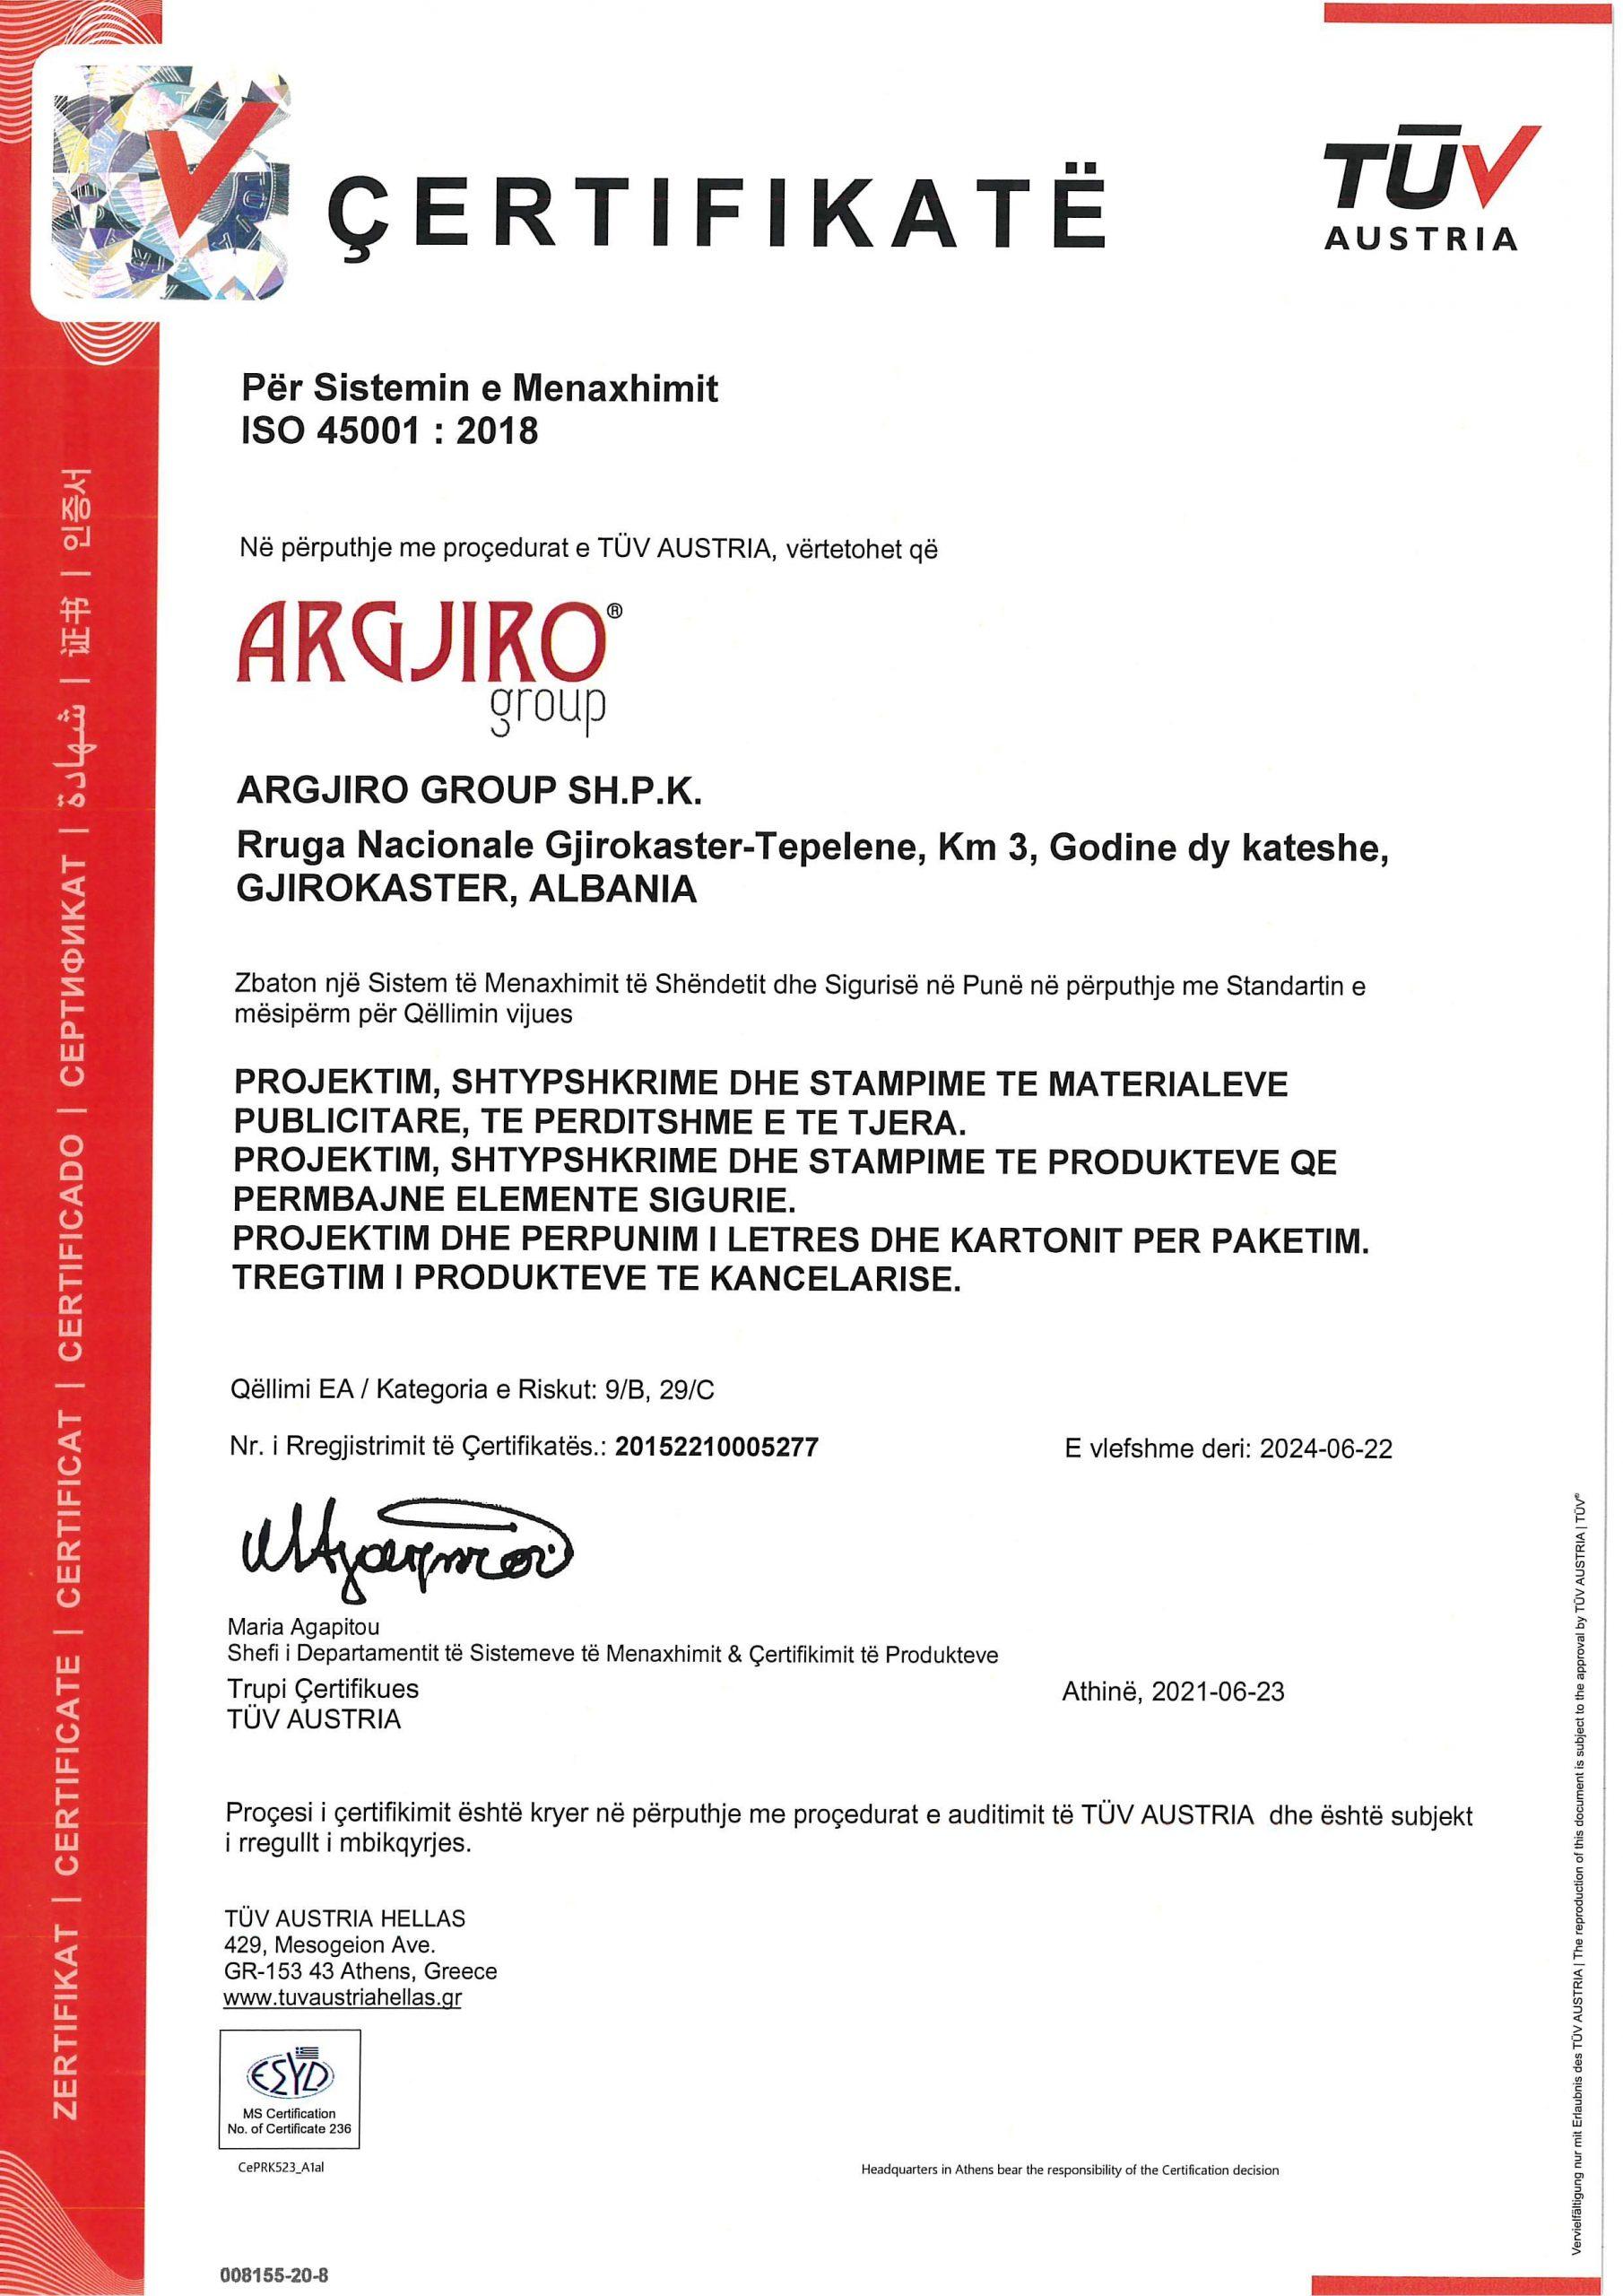 Argjiro GROUP- Certifikata TUV ISO 45001 AL